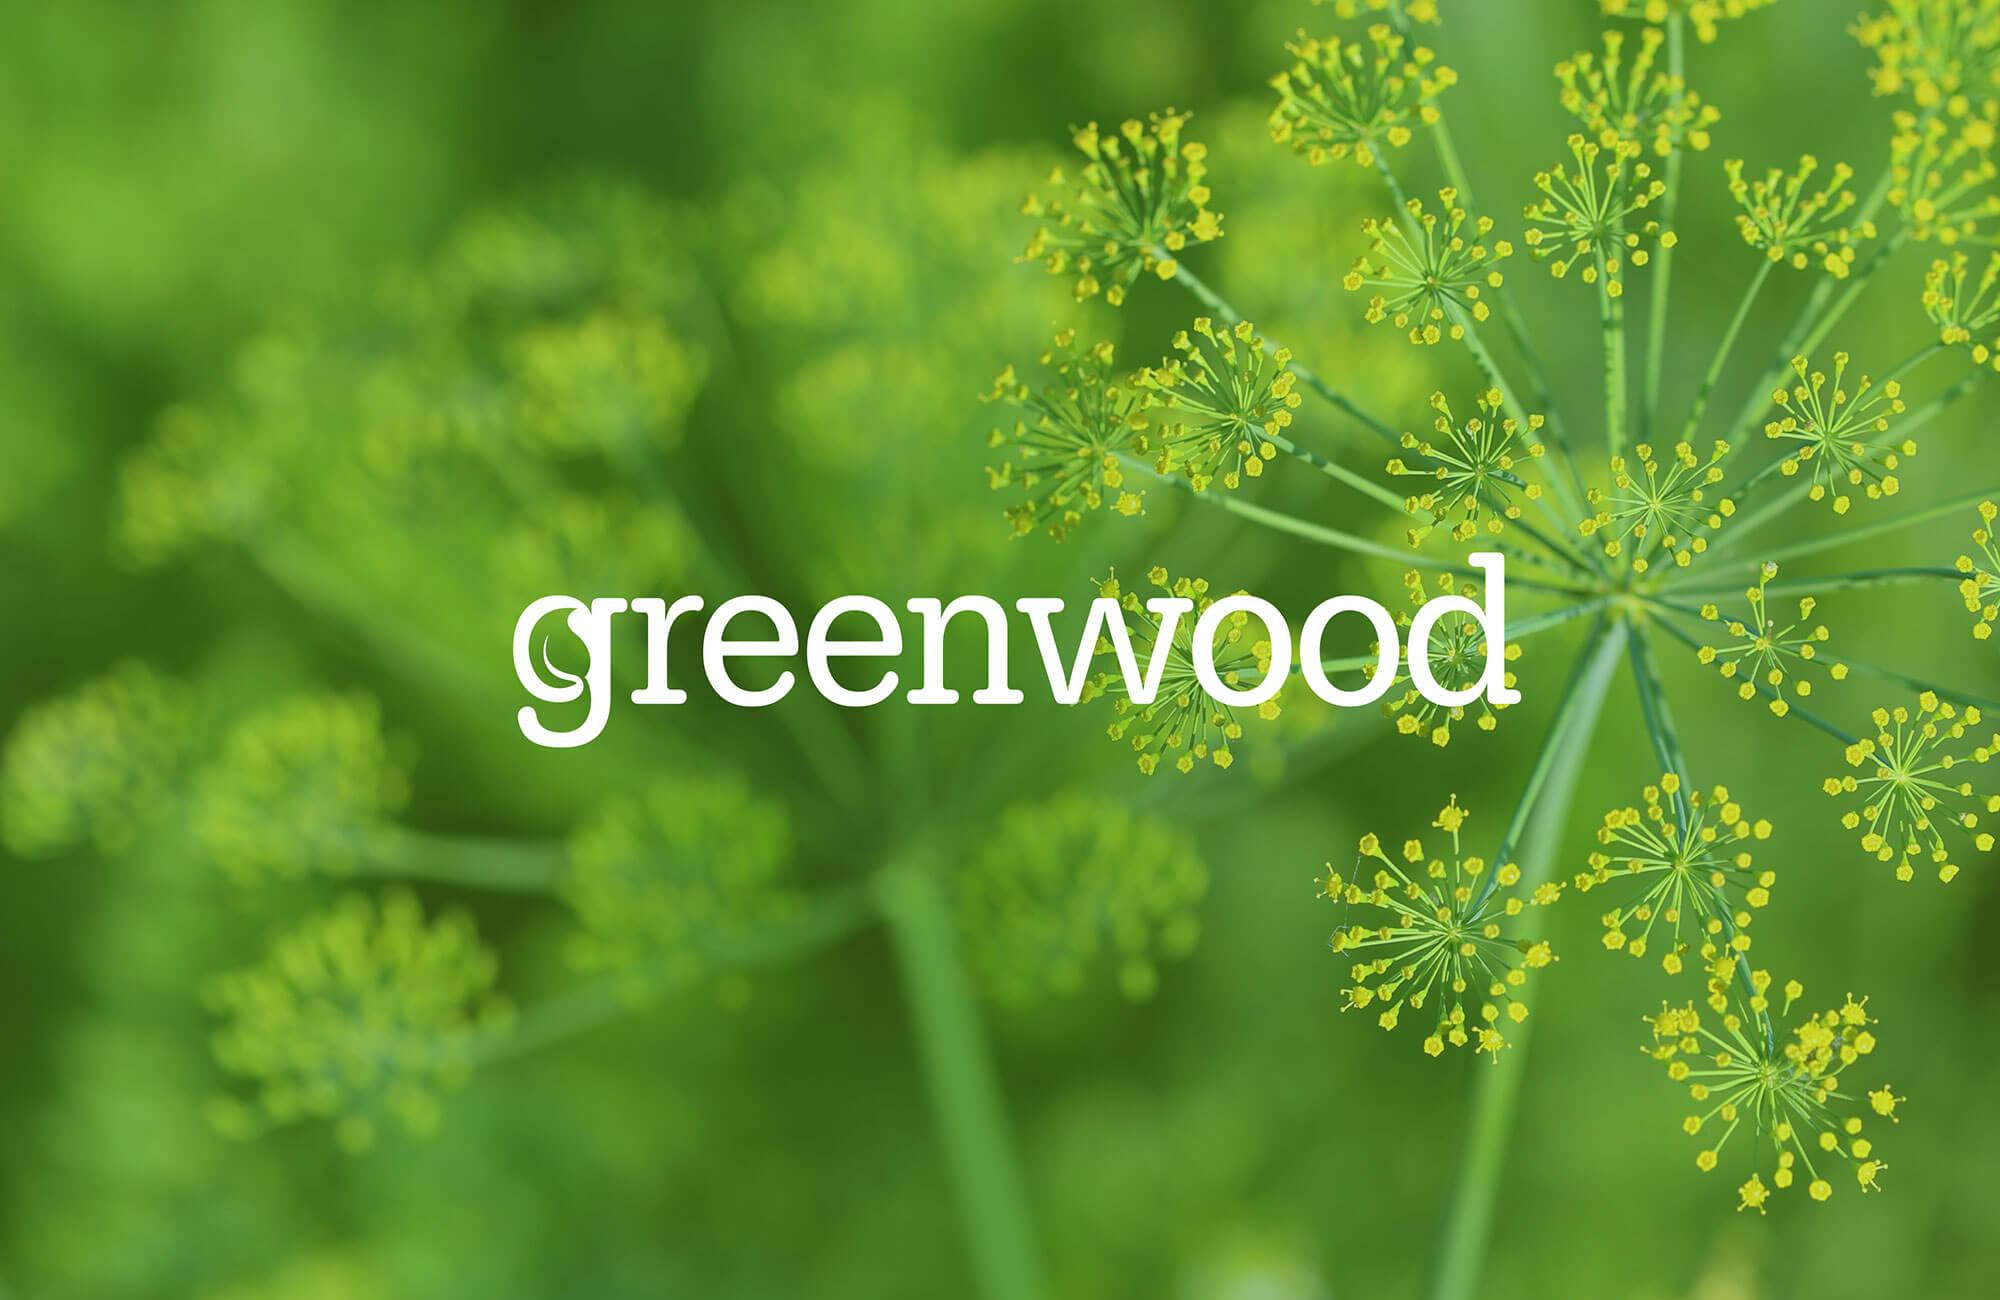 Greenwood Logo Design